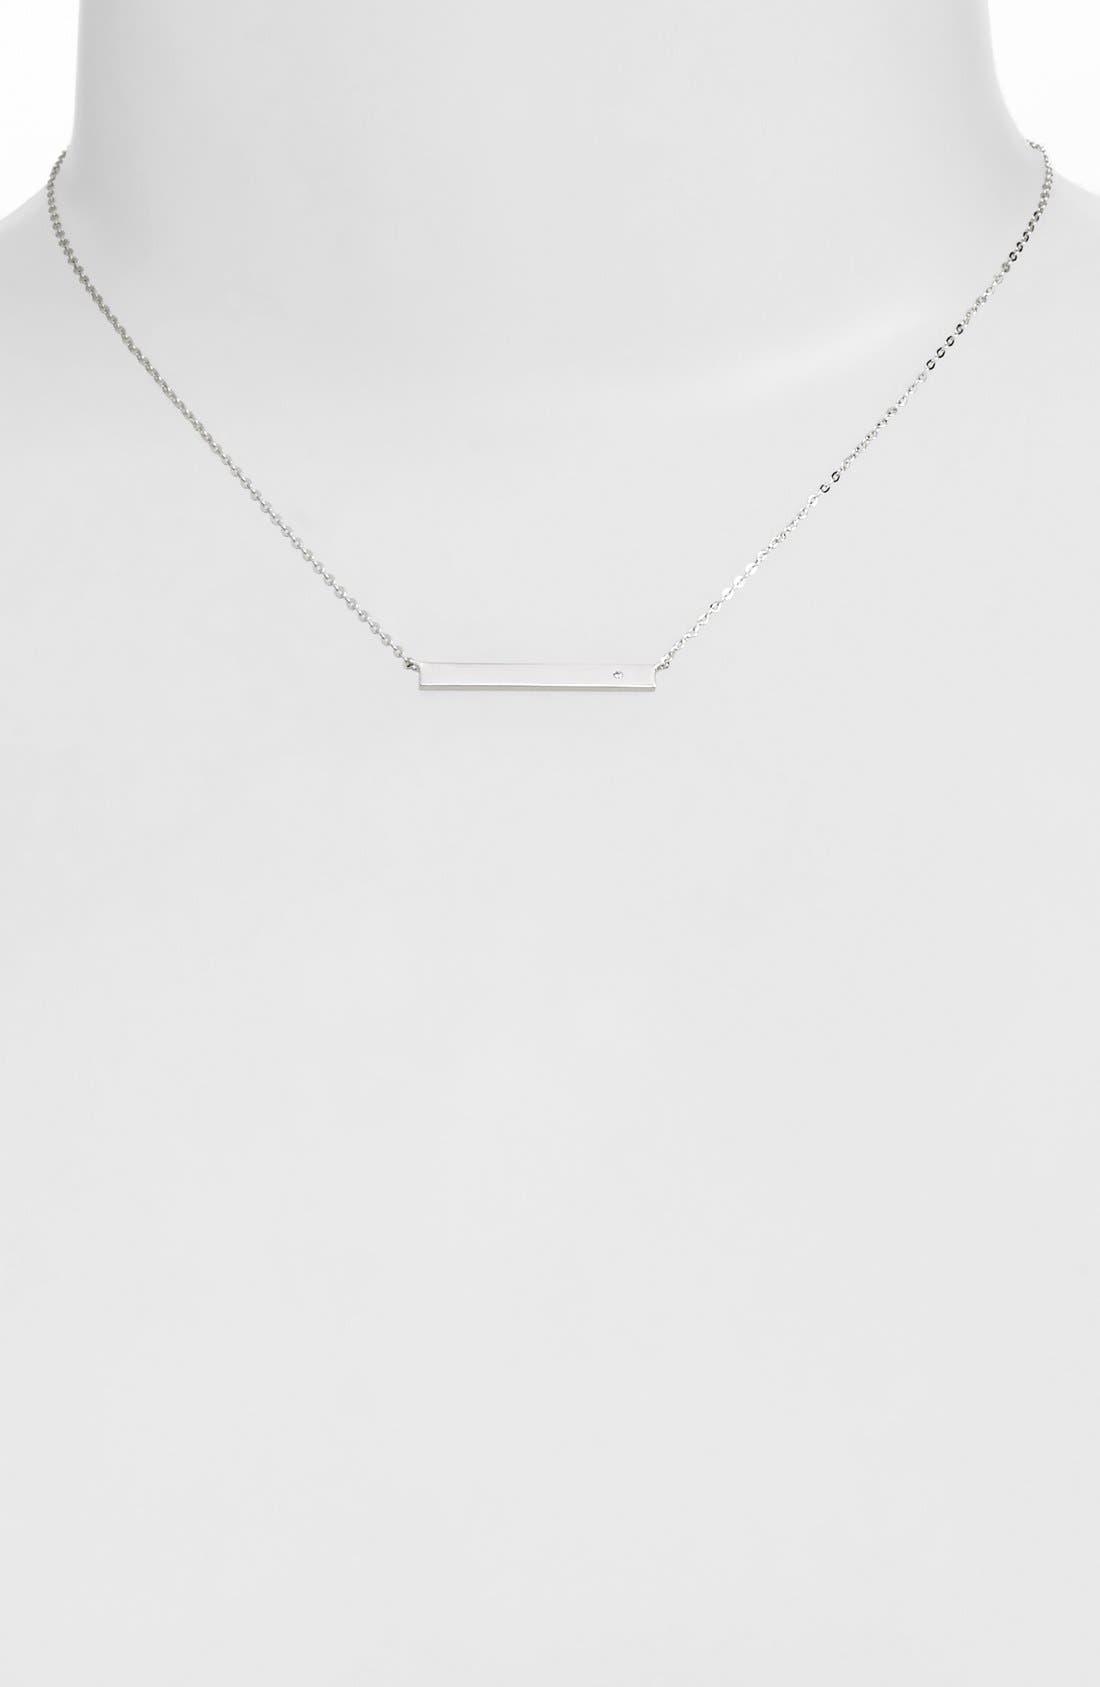 NADRI,                             'Goldie' Bar Pendant Necklace,                             Main thumbnail 1, color,                             040